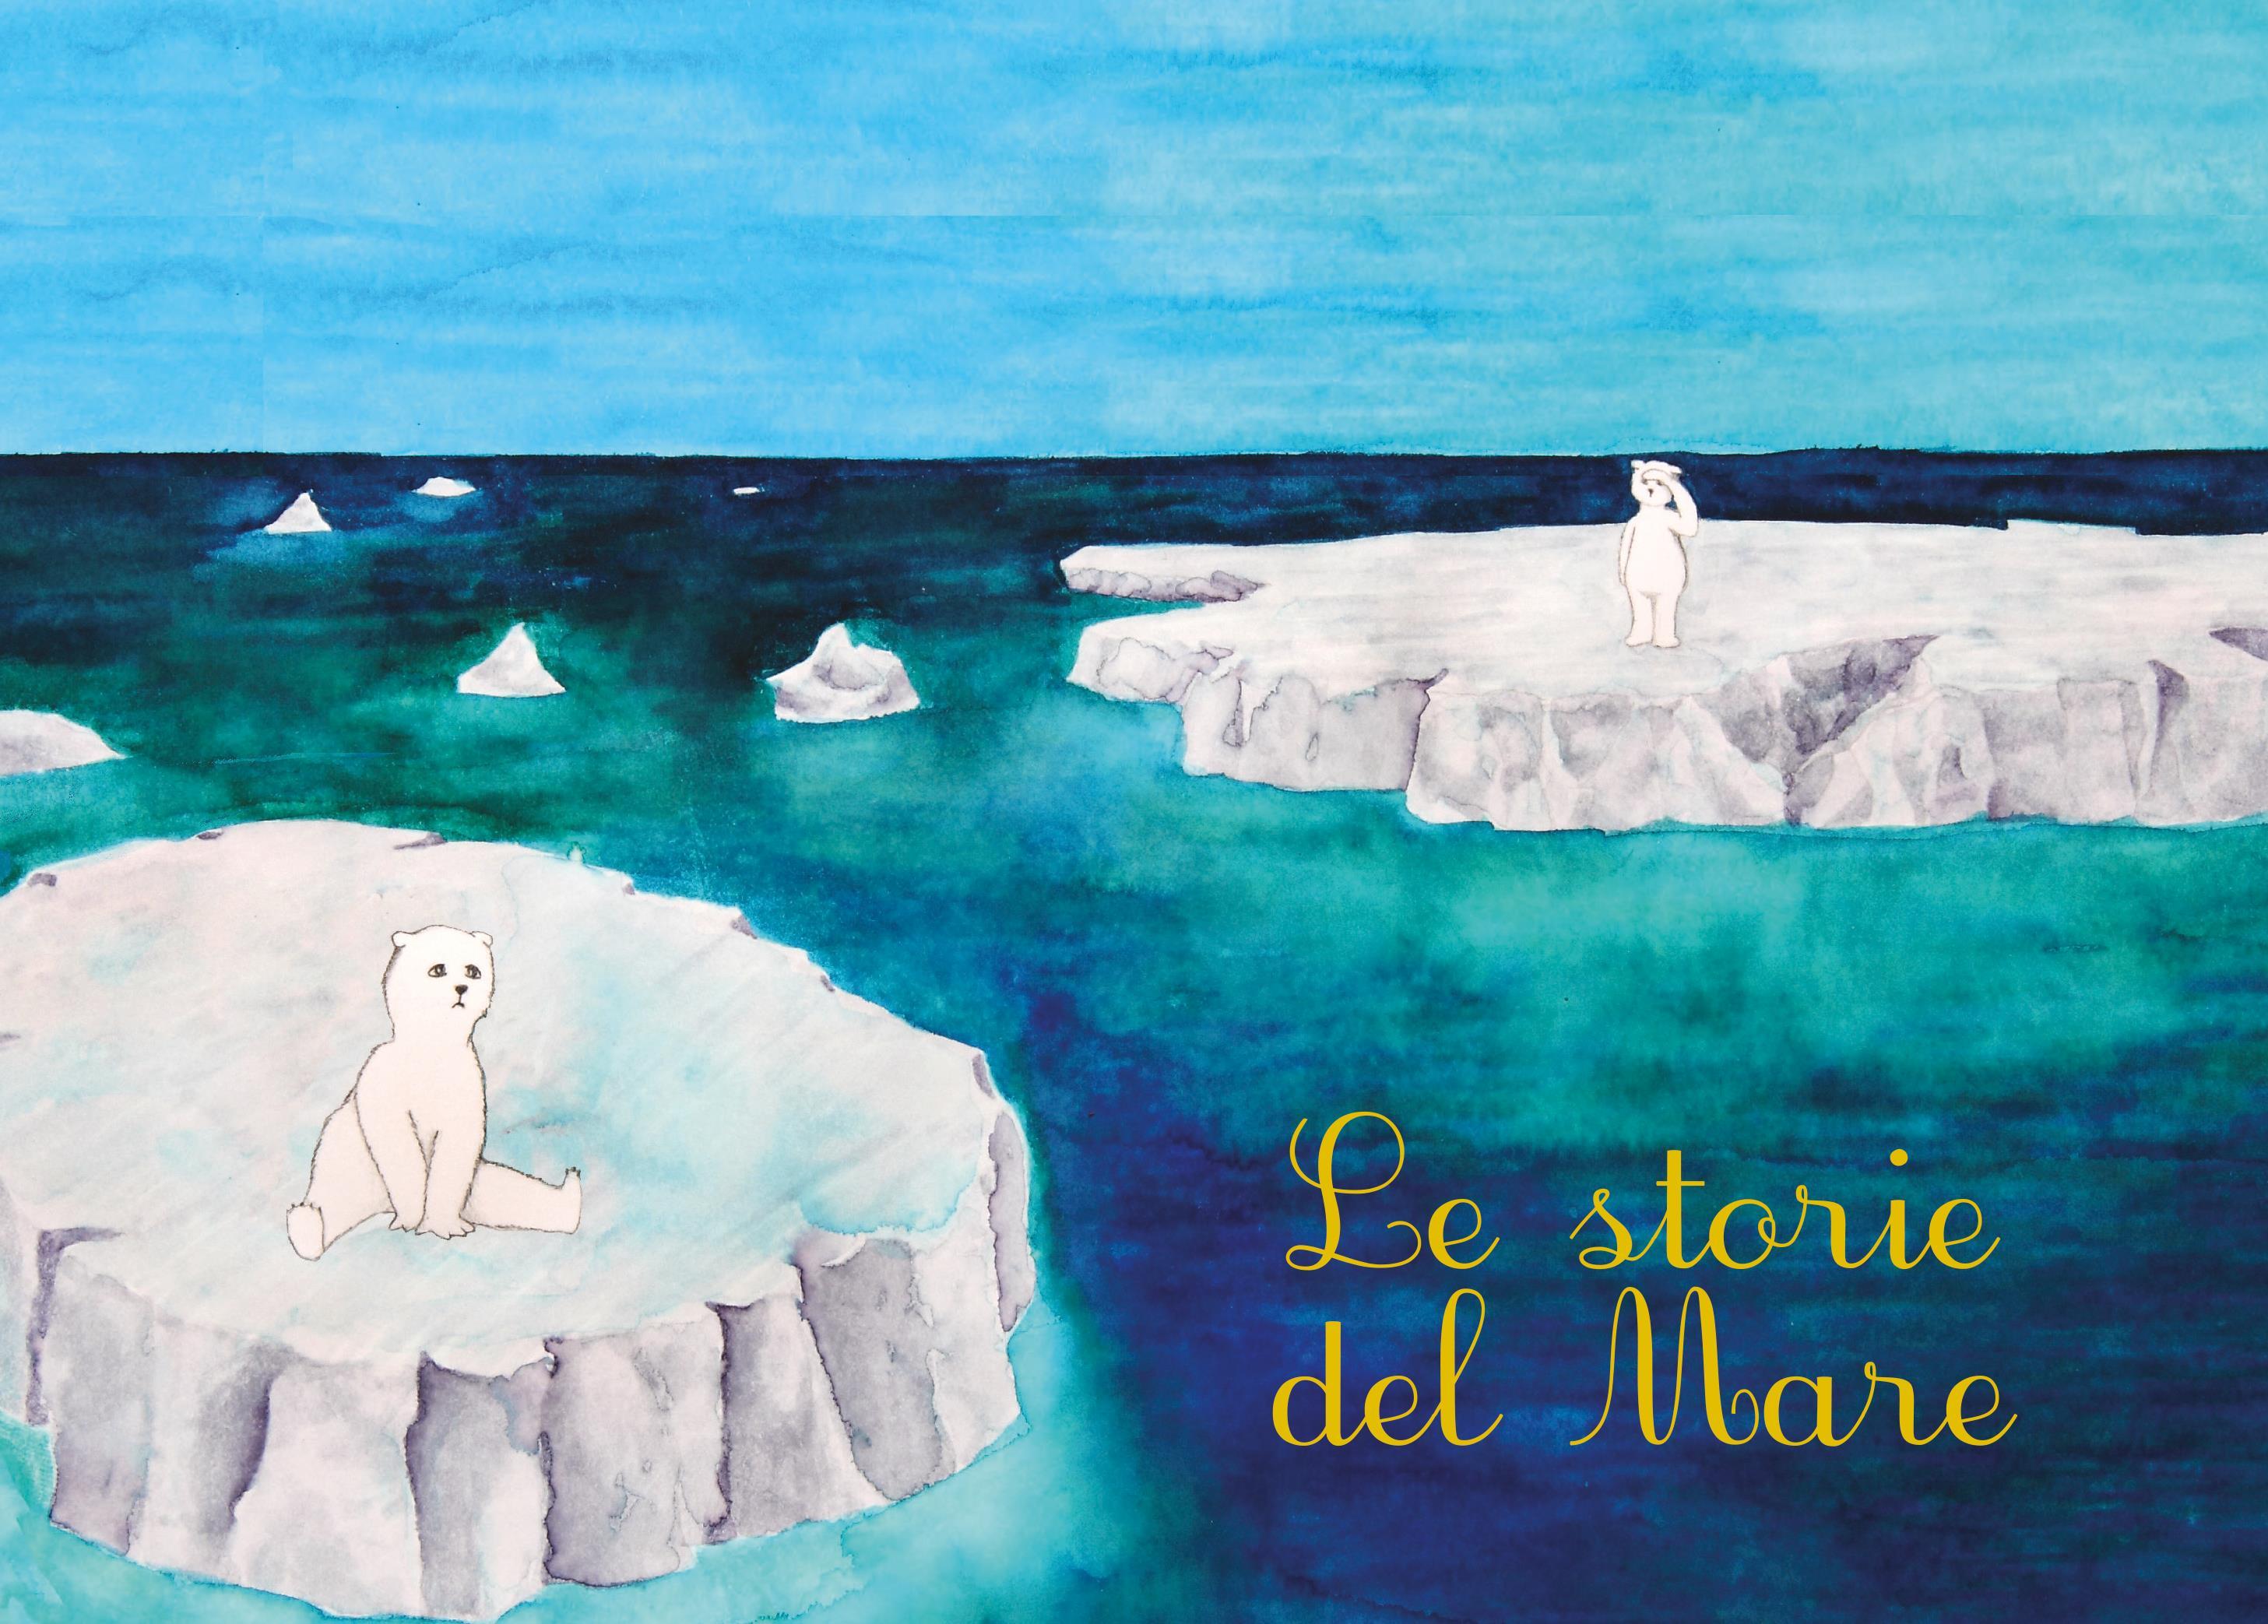 Le storie del mare